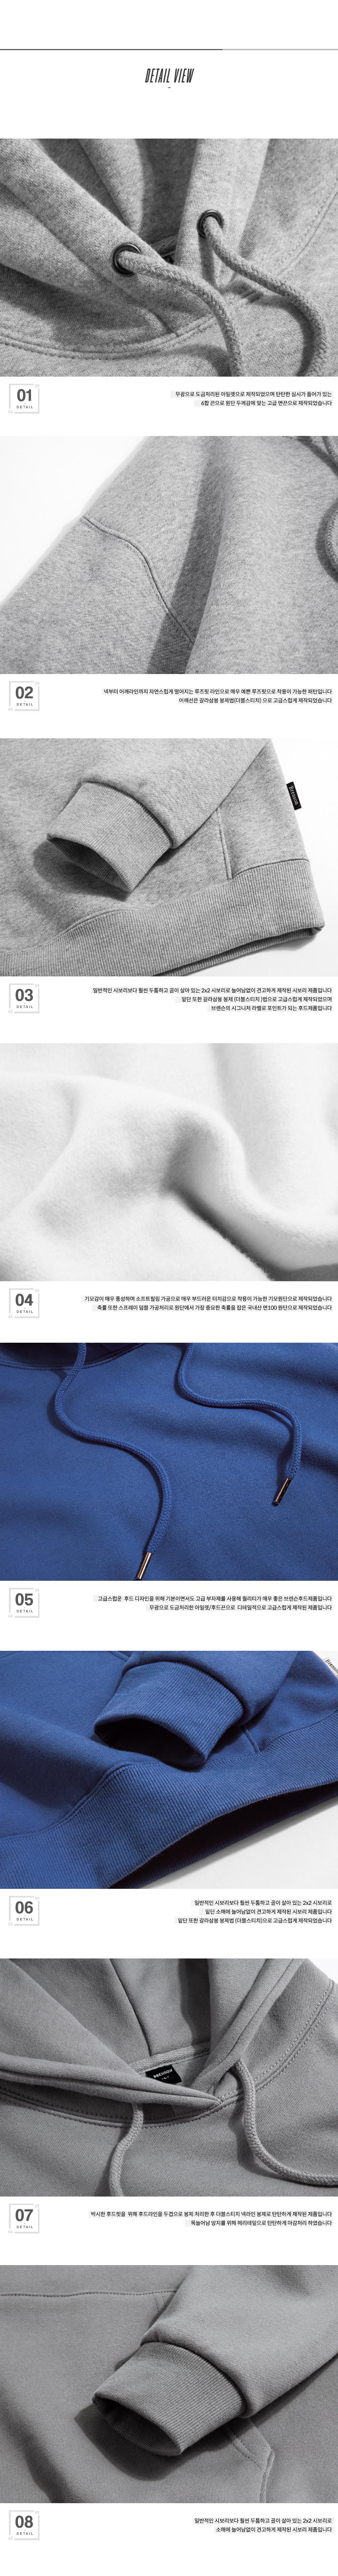 브렌슨 (1+1) 헤비기모 덤블 3단쭈리기모 후드 15컬러